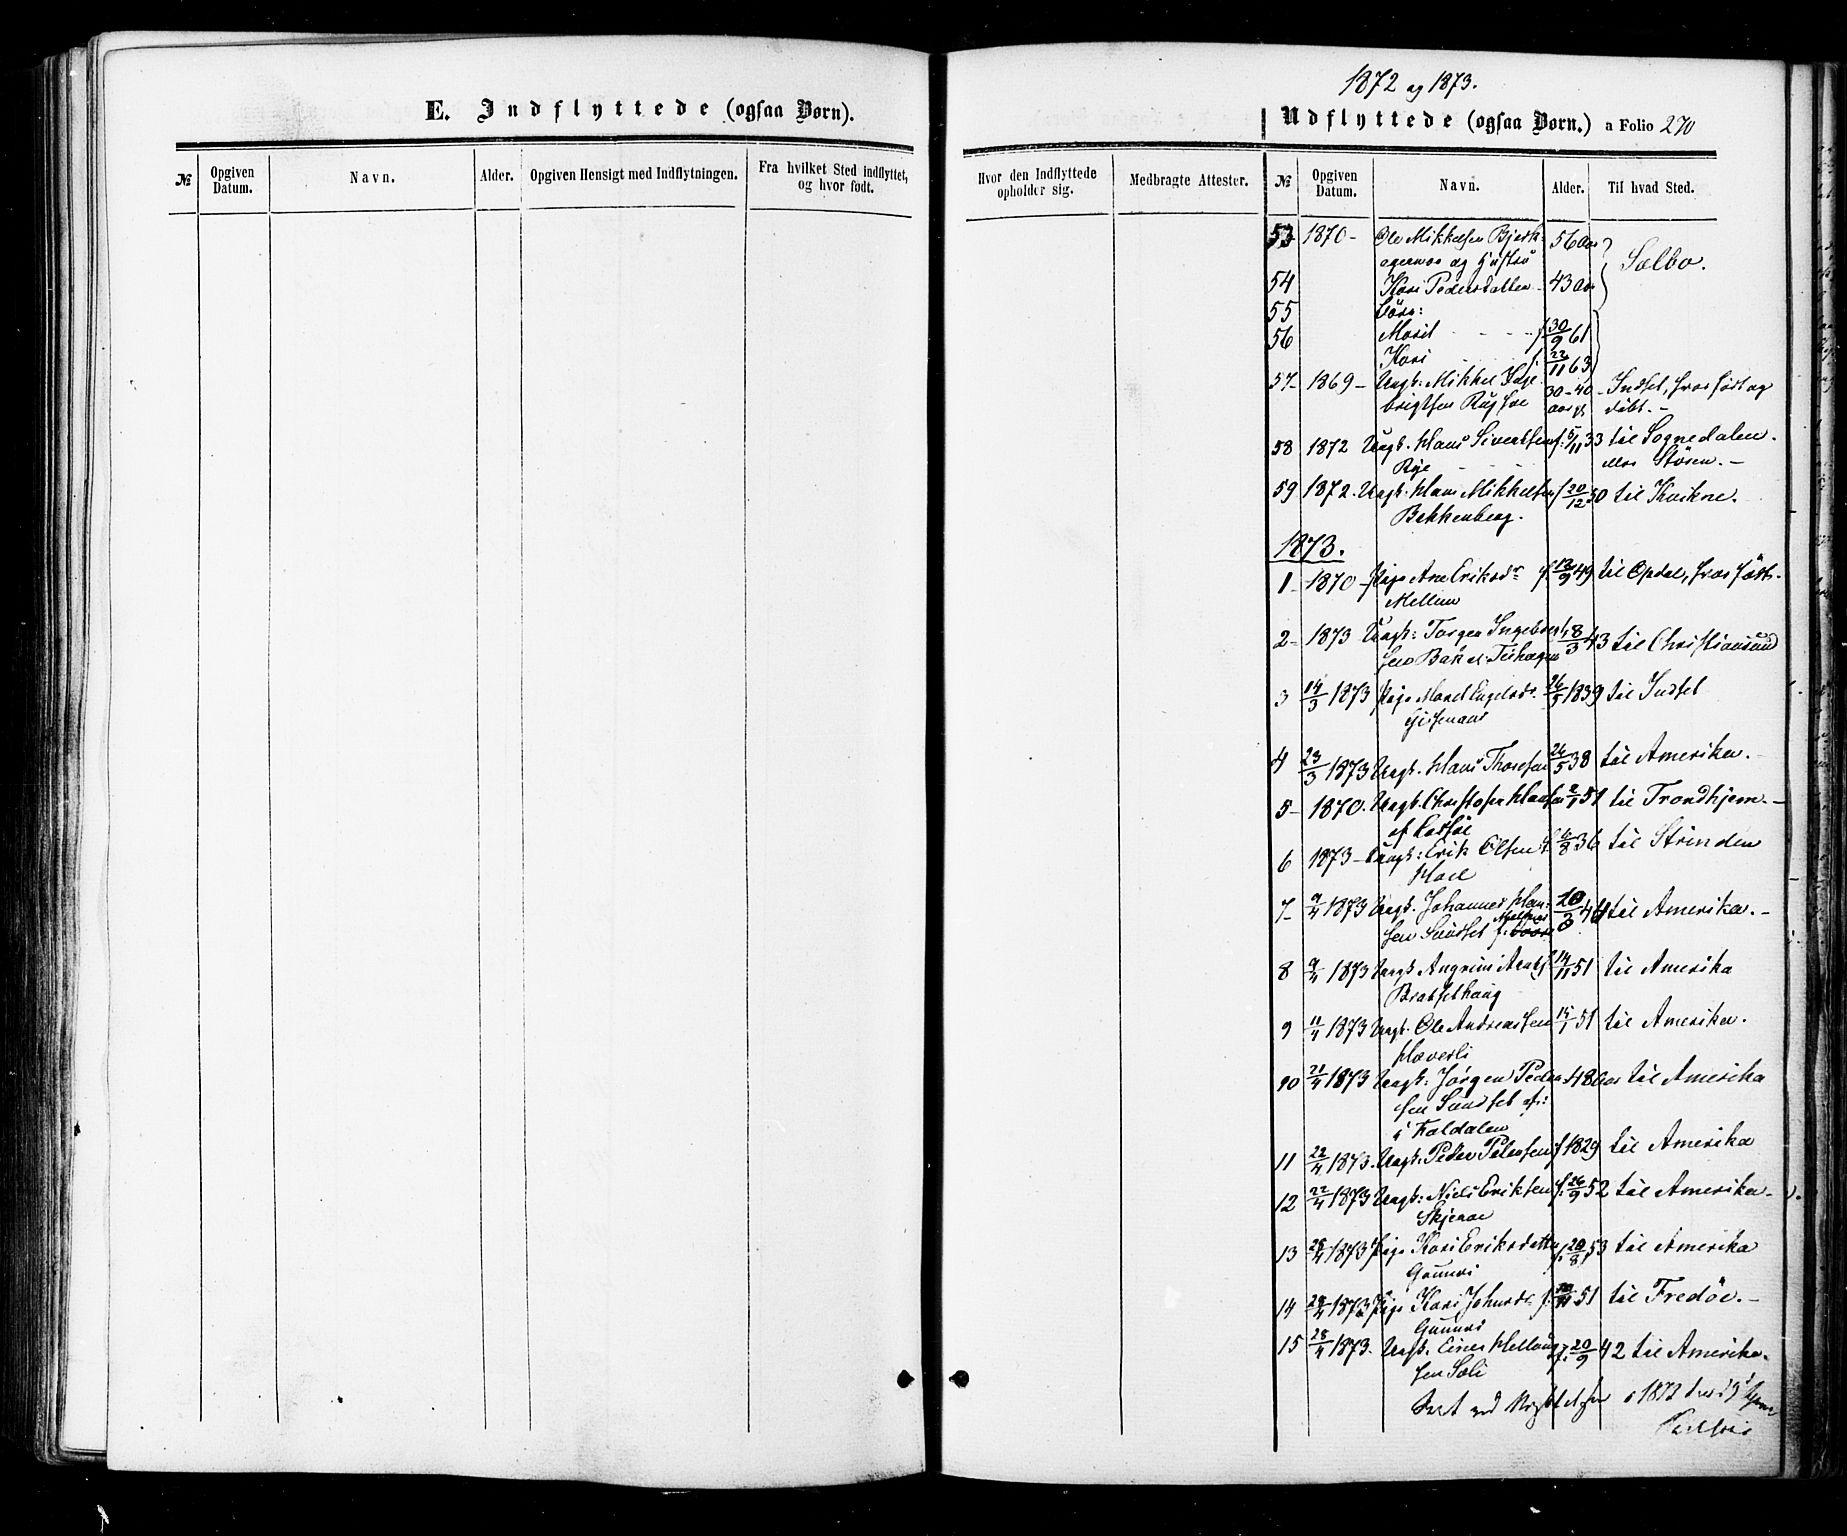 SAT, Ministerialprotokoller, klokkerbøker og fødselsregistre - Sør-Trøndelag, 674/L0870: Ministerialbok nr. 674A02, 1861-1879, s. 270